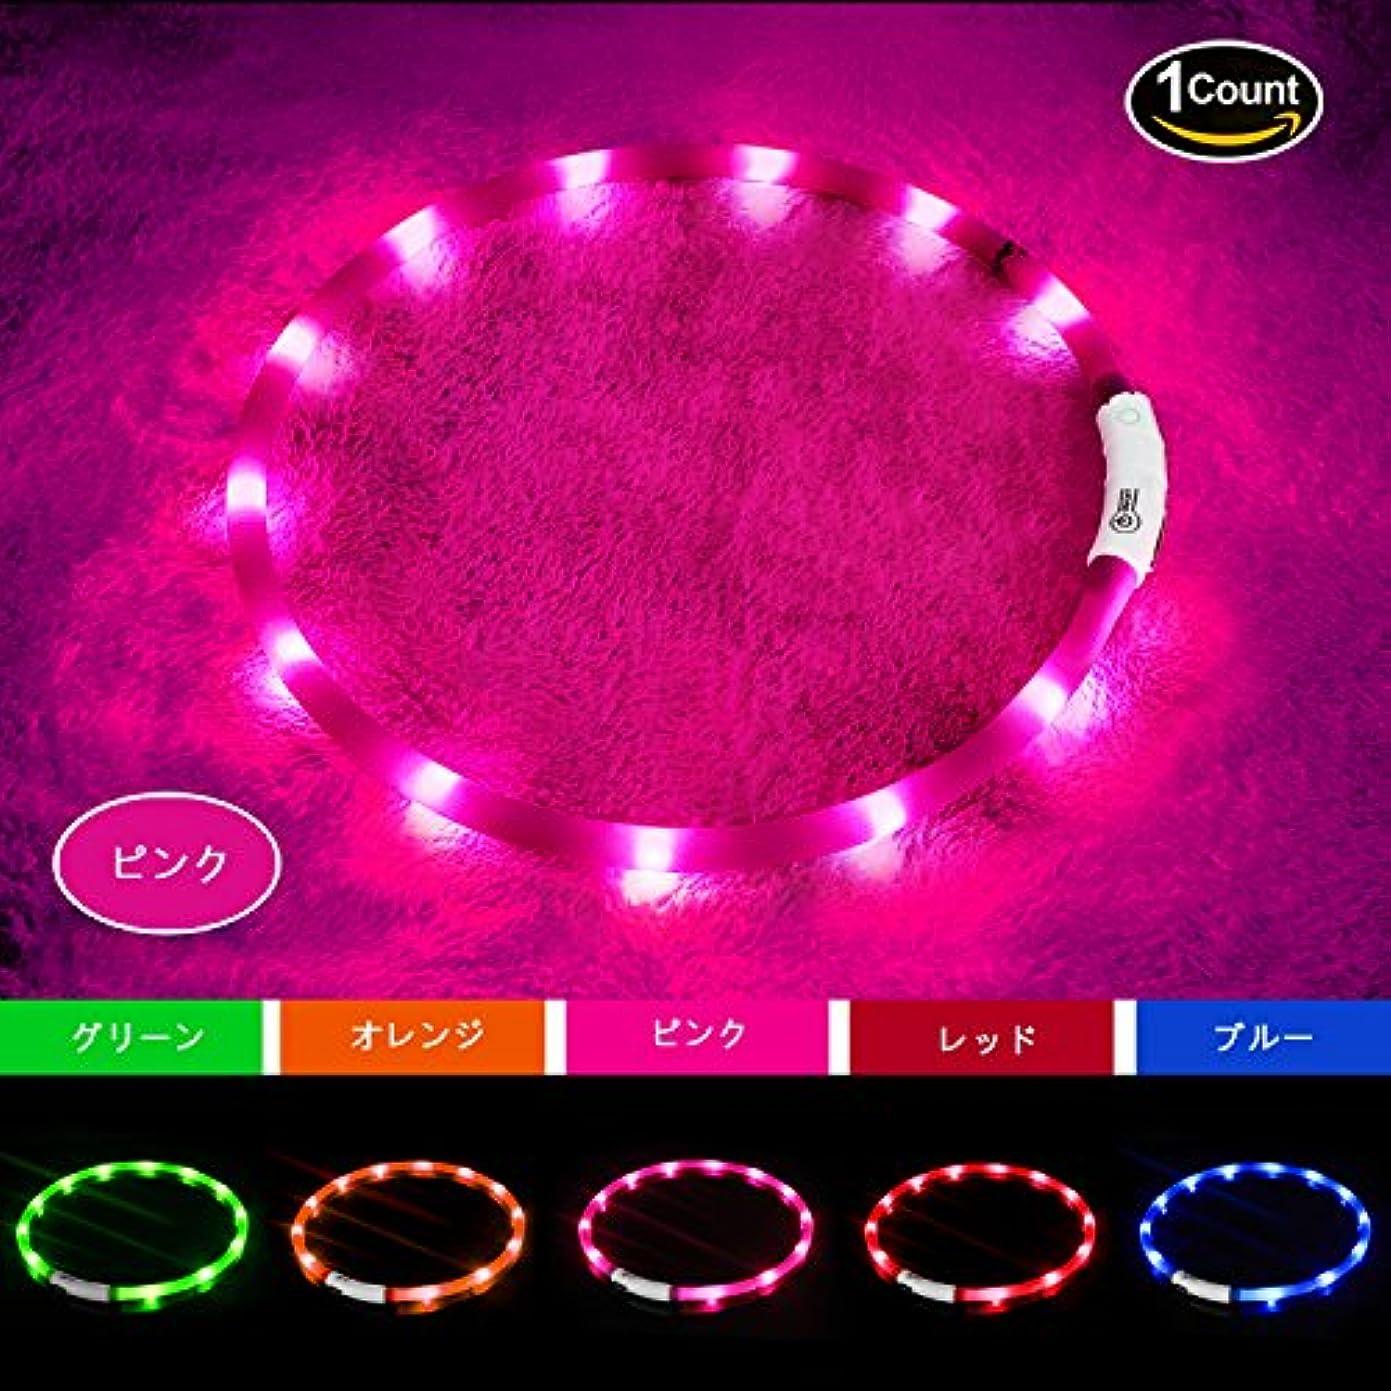 性交デコラティブ鳴り響くLED光る首輪, USB 再充電 ドッグ カラー 12個のLEDライト [500m先から目視可能] ペット 夜間 安全性 [3種類のライトモードを搭載] 防水 スモール ミディアム ラージ [複数色ご用意] (ピンク)